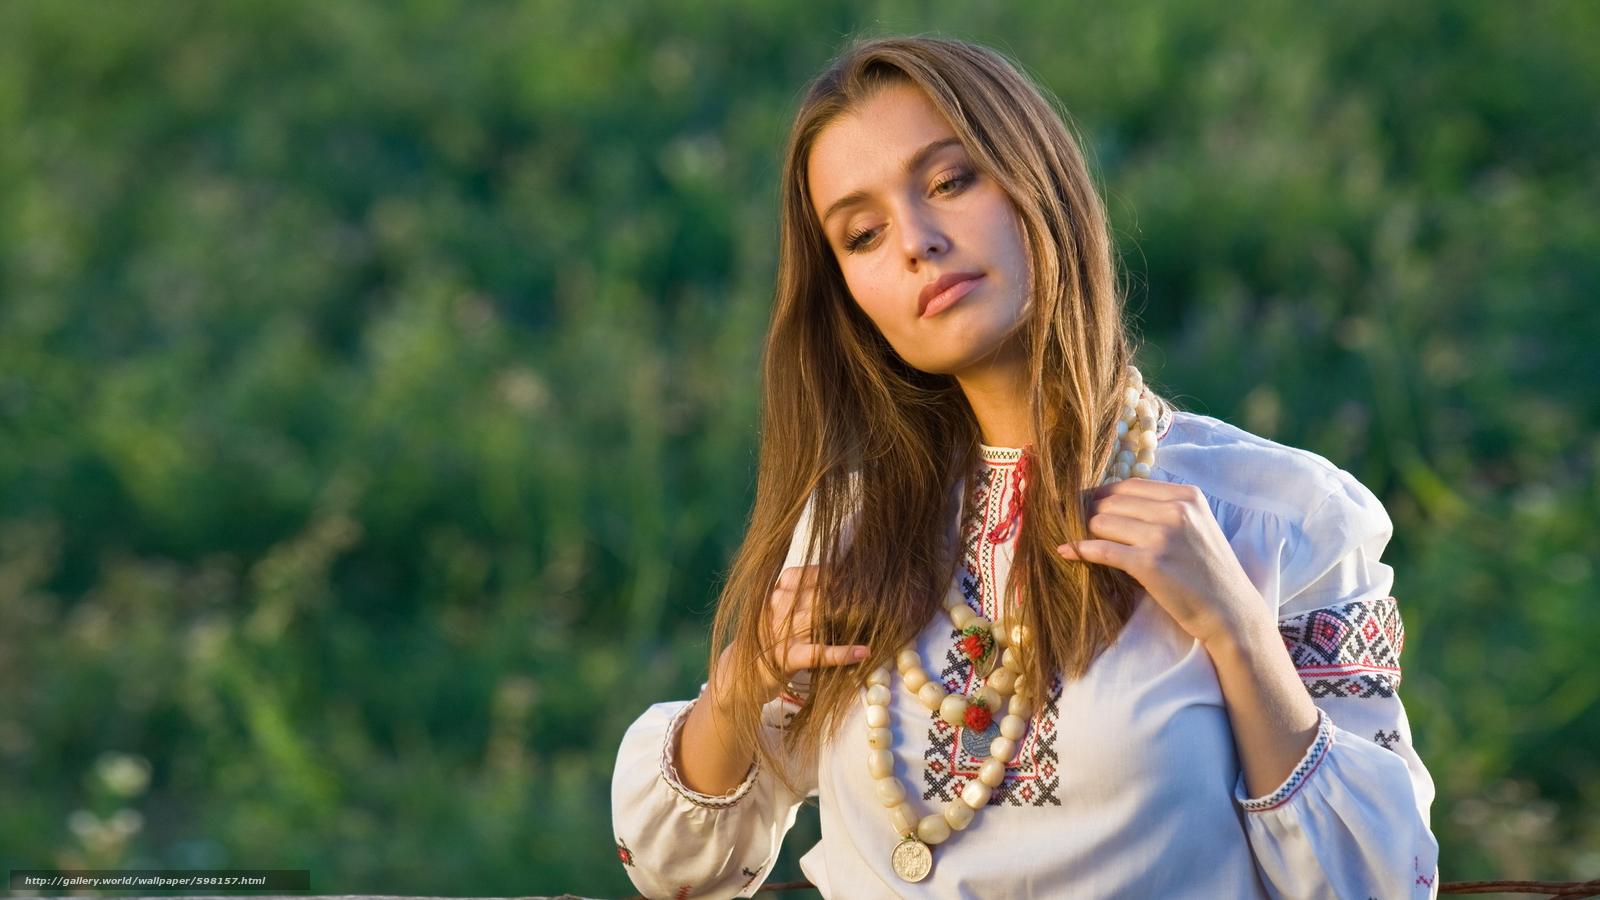 Скачать обои ukrainan girl,  dress,  beautiful бесплатно для рабочего стола в разрешении 2840x1597 — картинка №598157